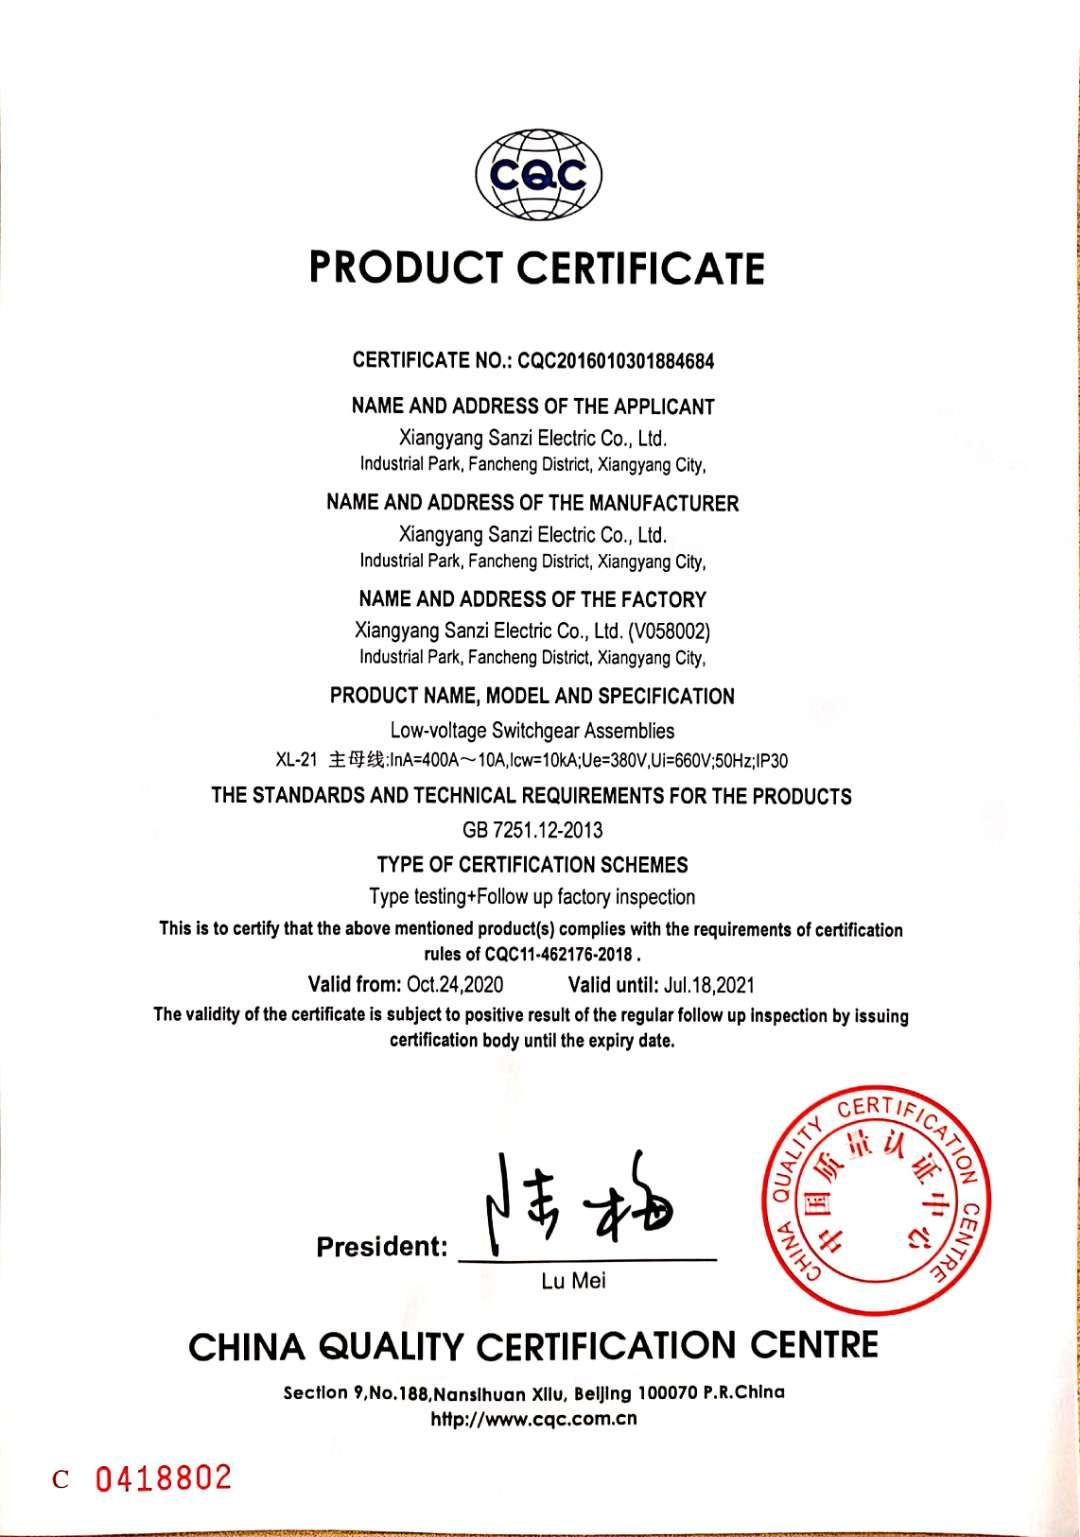 动力柜认证证书